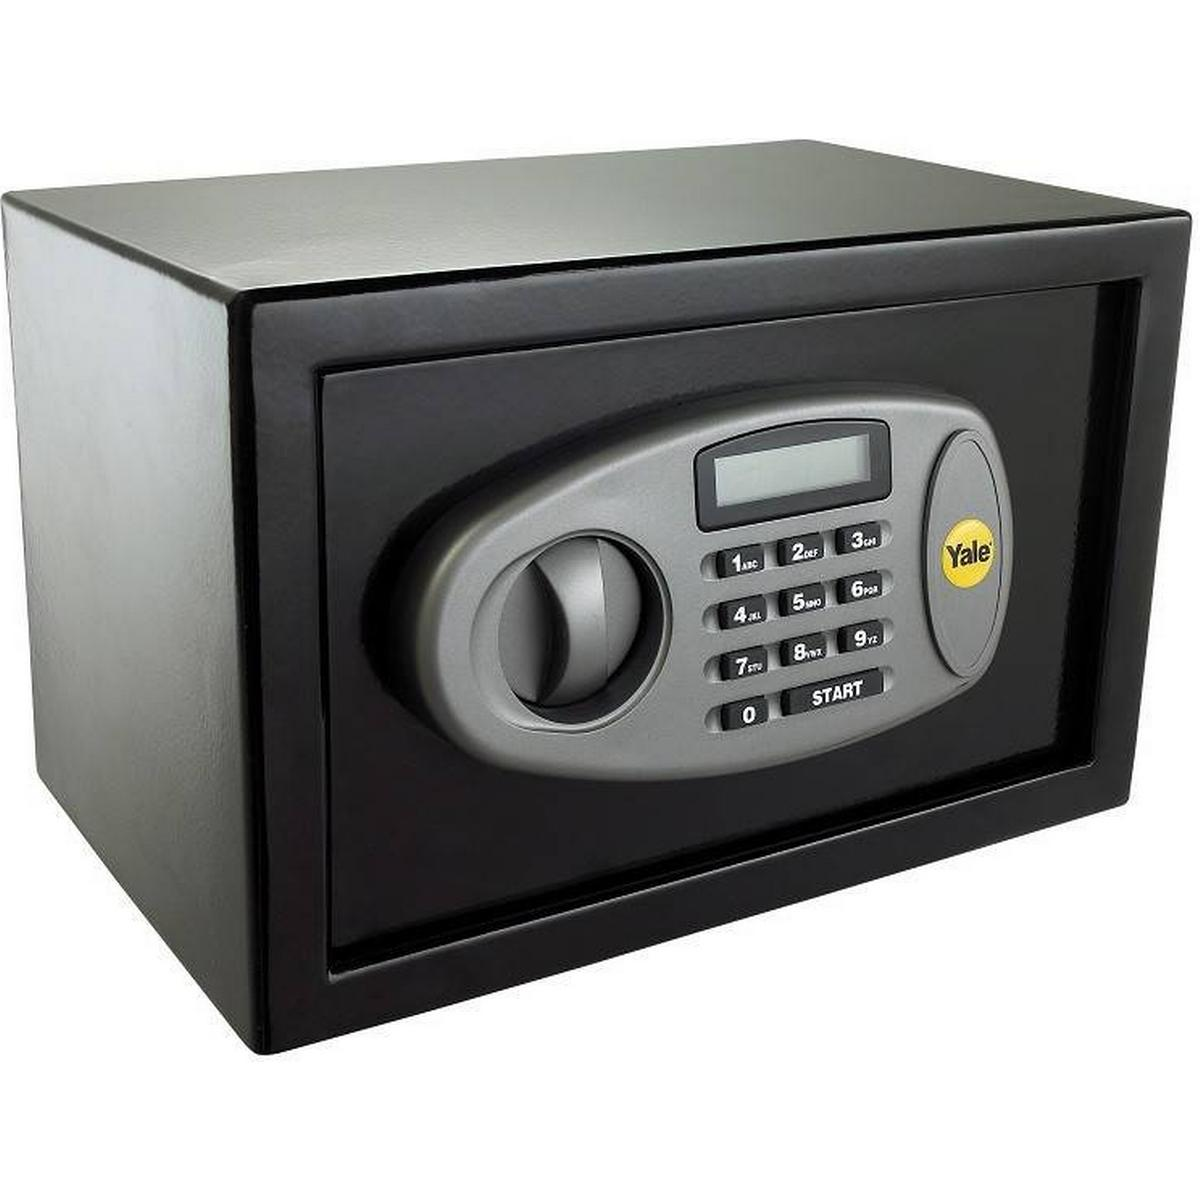 Fantastisk Værdiskab Alarm og Sikkerhed - Sammenlign priser hos PriceRunner WX57